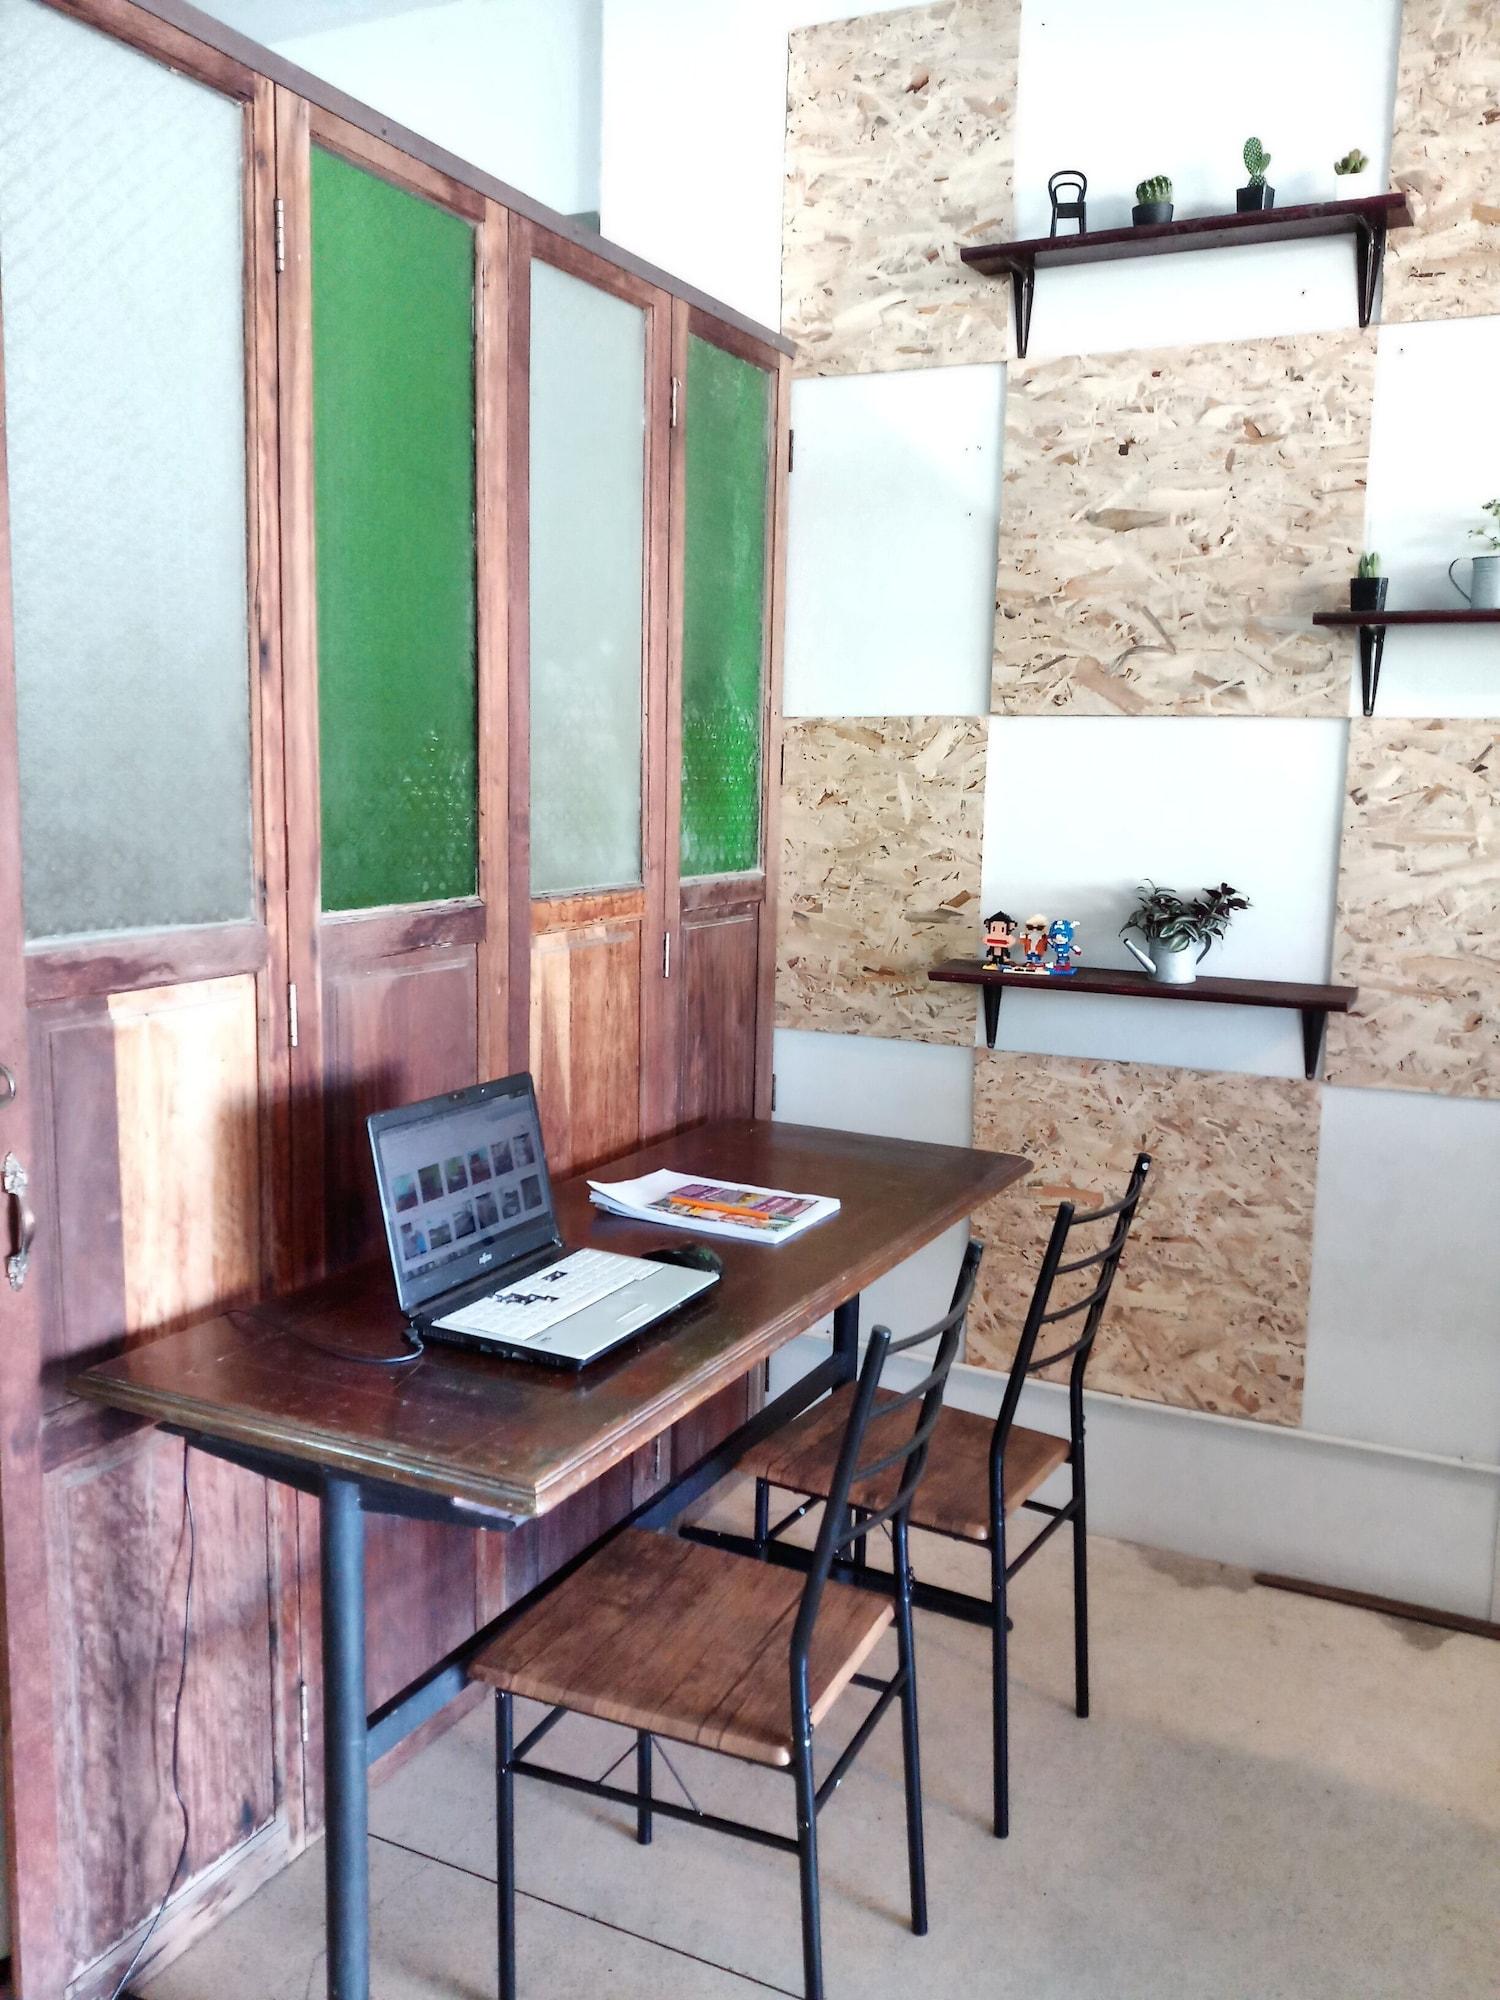 Charming House - Hostel, Phra Nakhon Si Ayutthaya